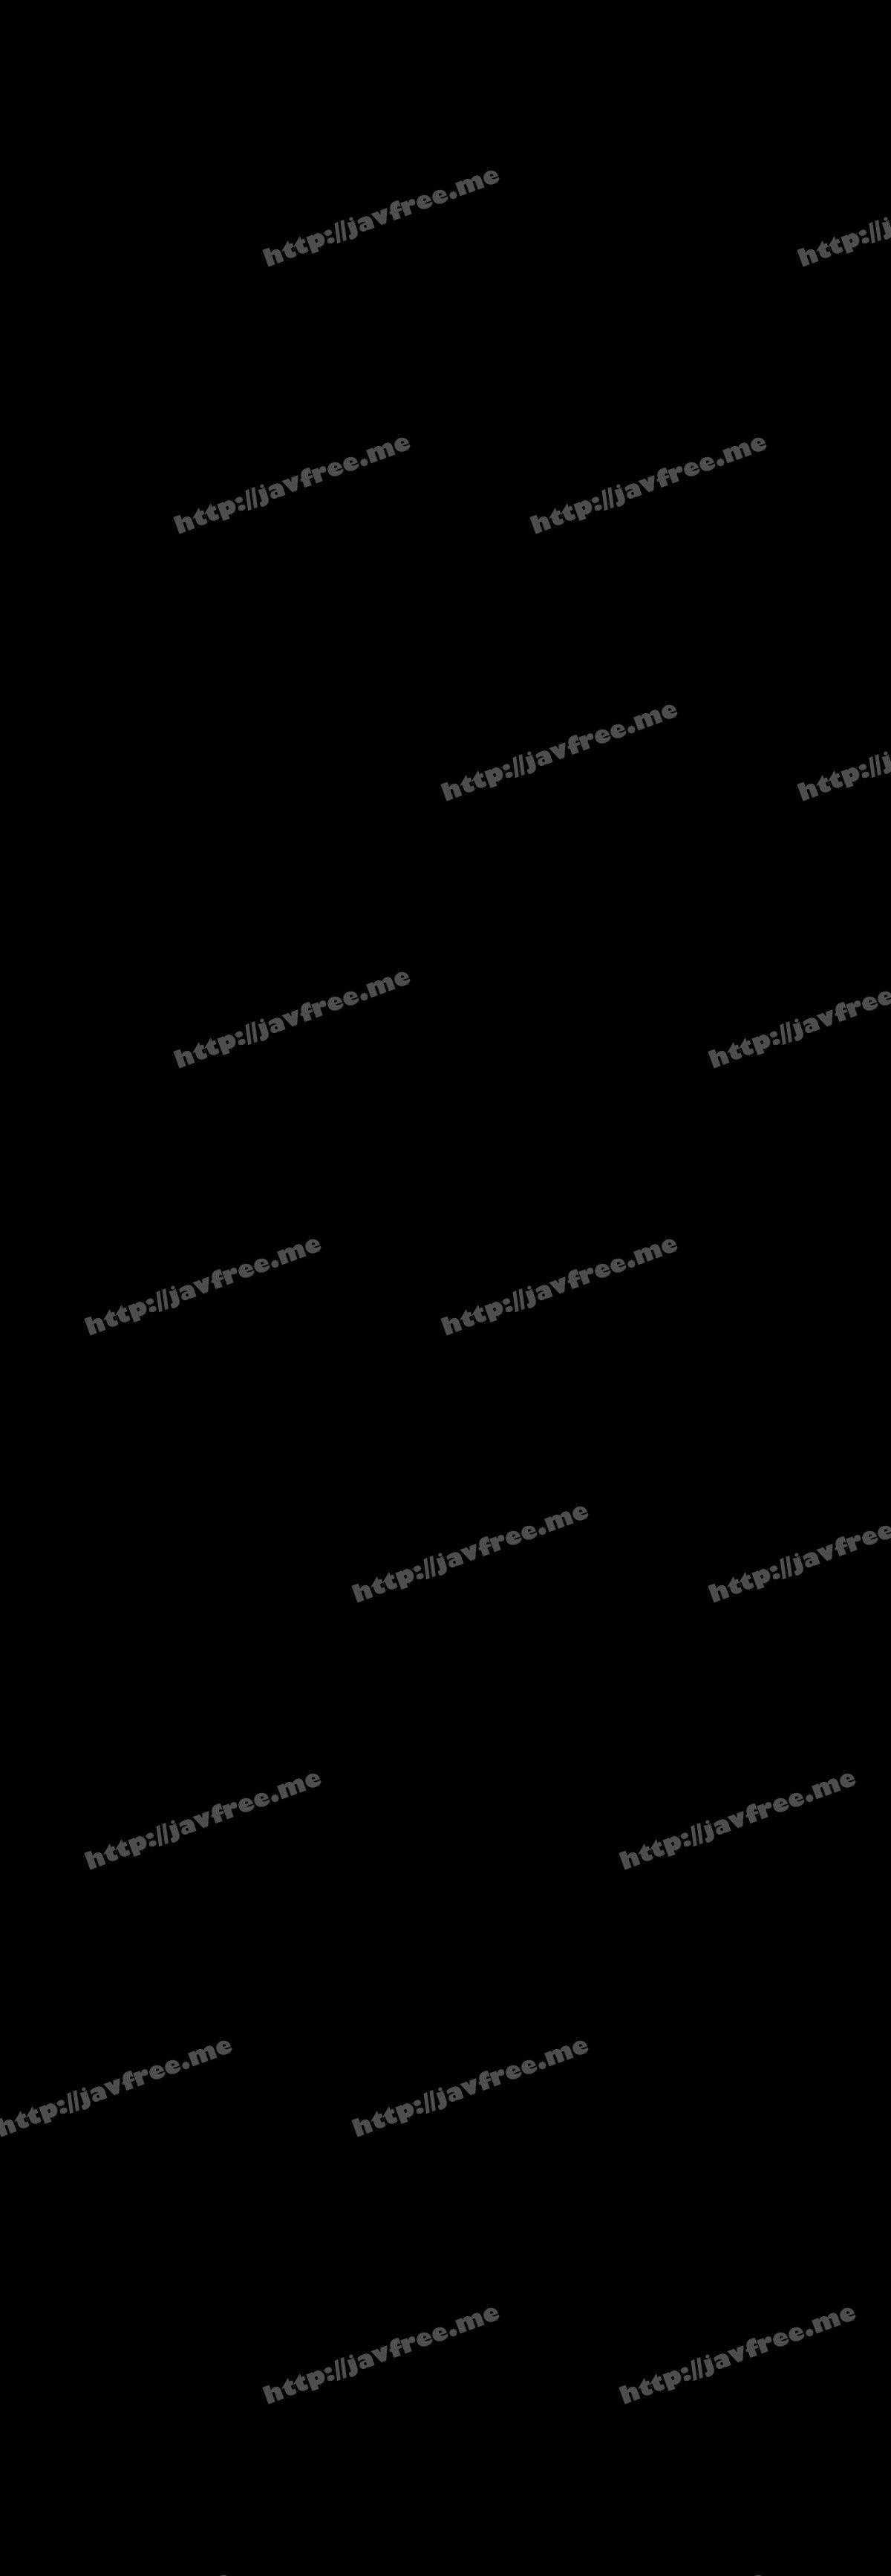 [HD][NHDTB-253] パイズリ痴漢 温泉旅館で火照った谷間マ○コにチ○ポを挿入され赤恥イキする巨乳女 - image NHDTB-253a-720p on https://javfree.me